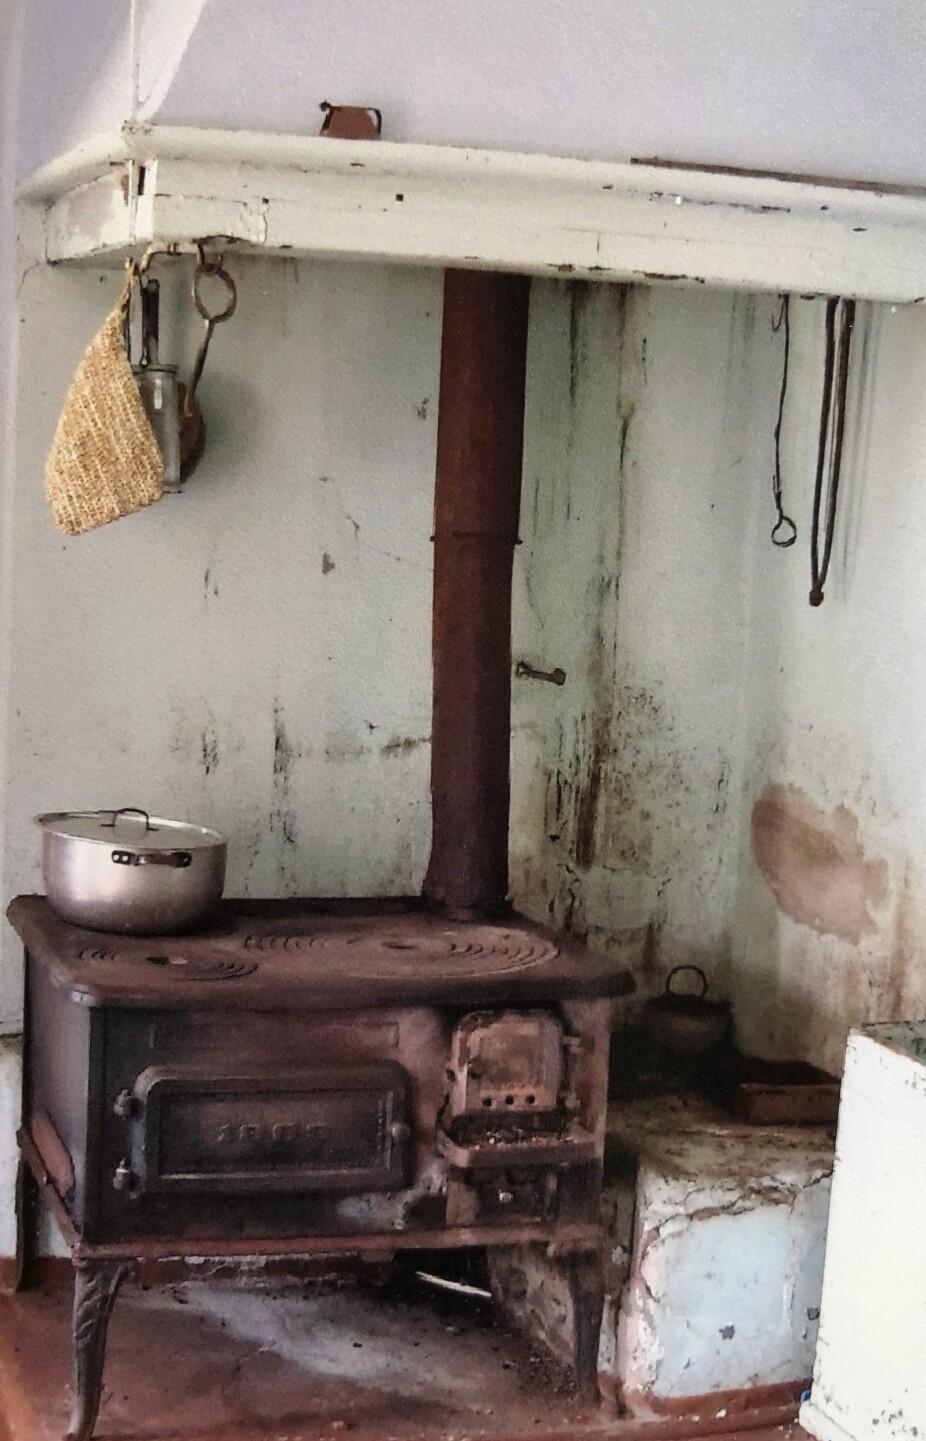 GODT BRUKT:Slik så ovnen og gruen på kjøkkenet ut før den ble renovert.